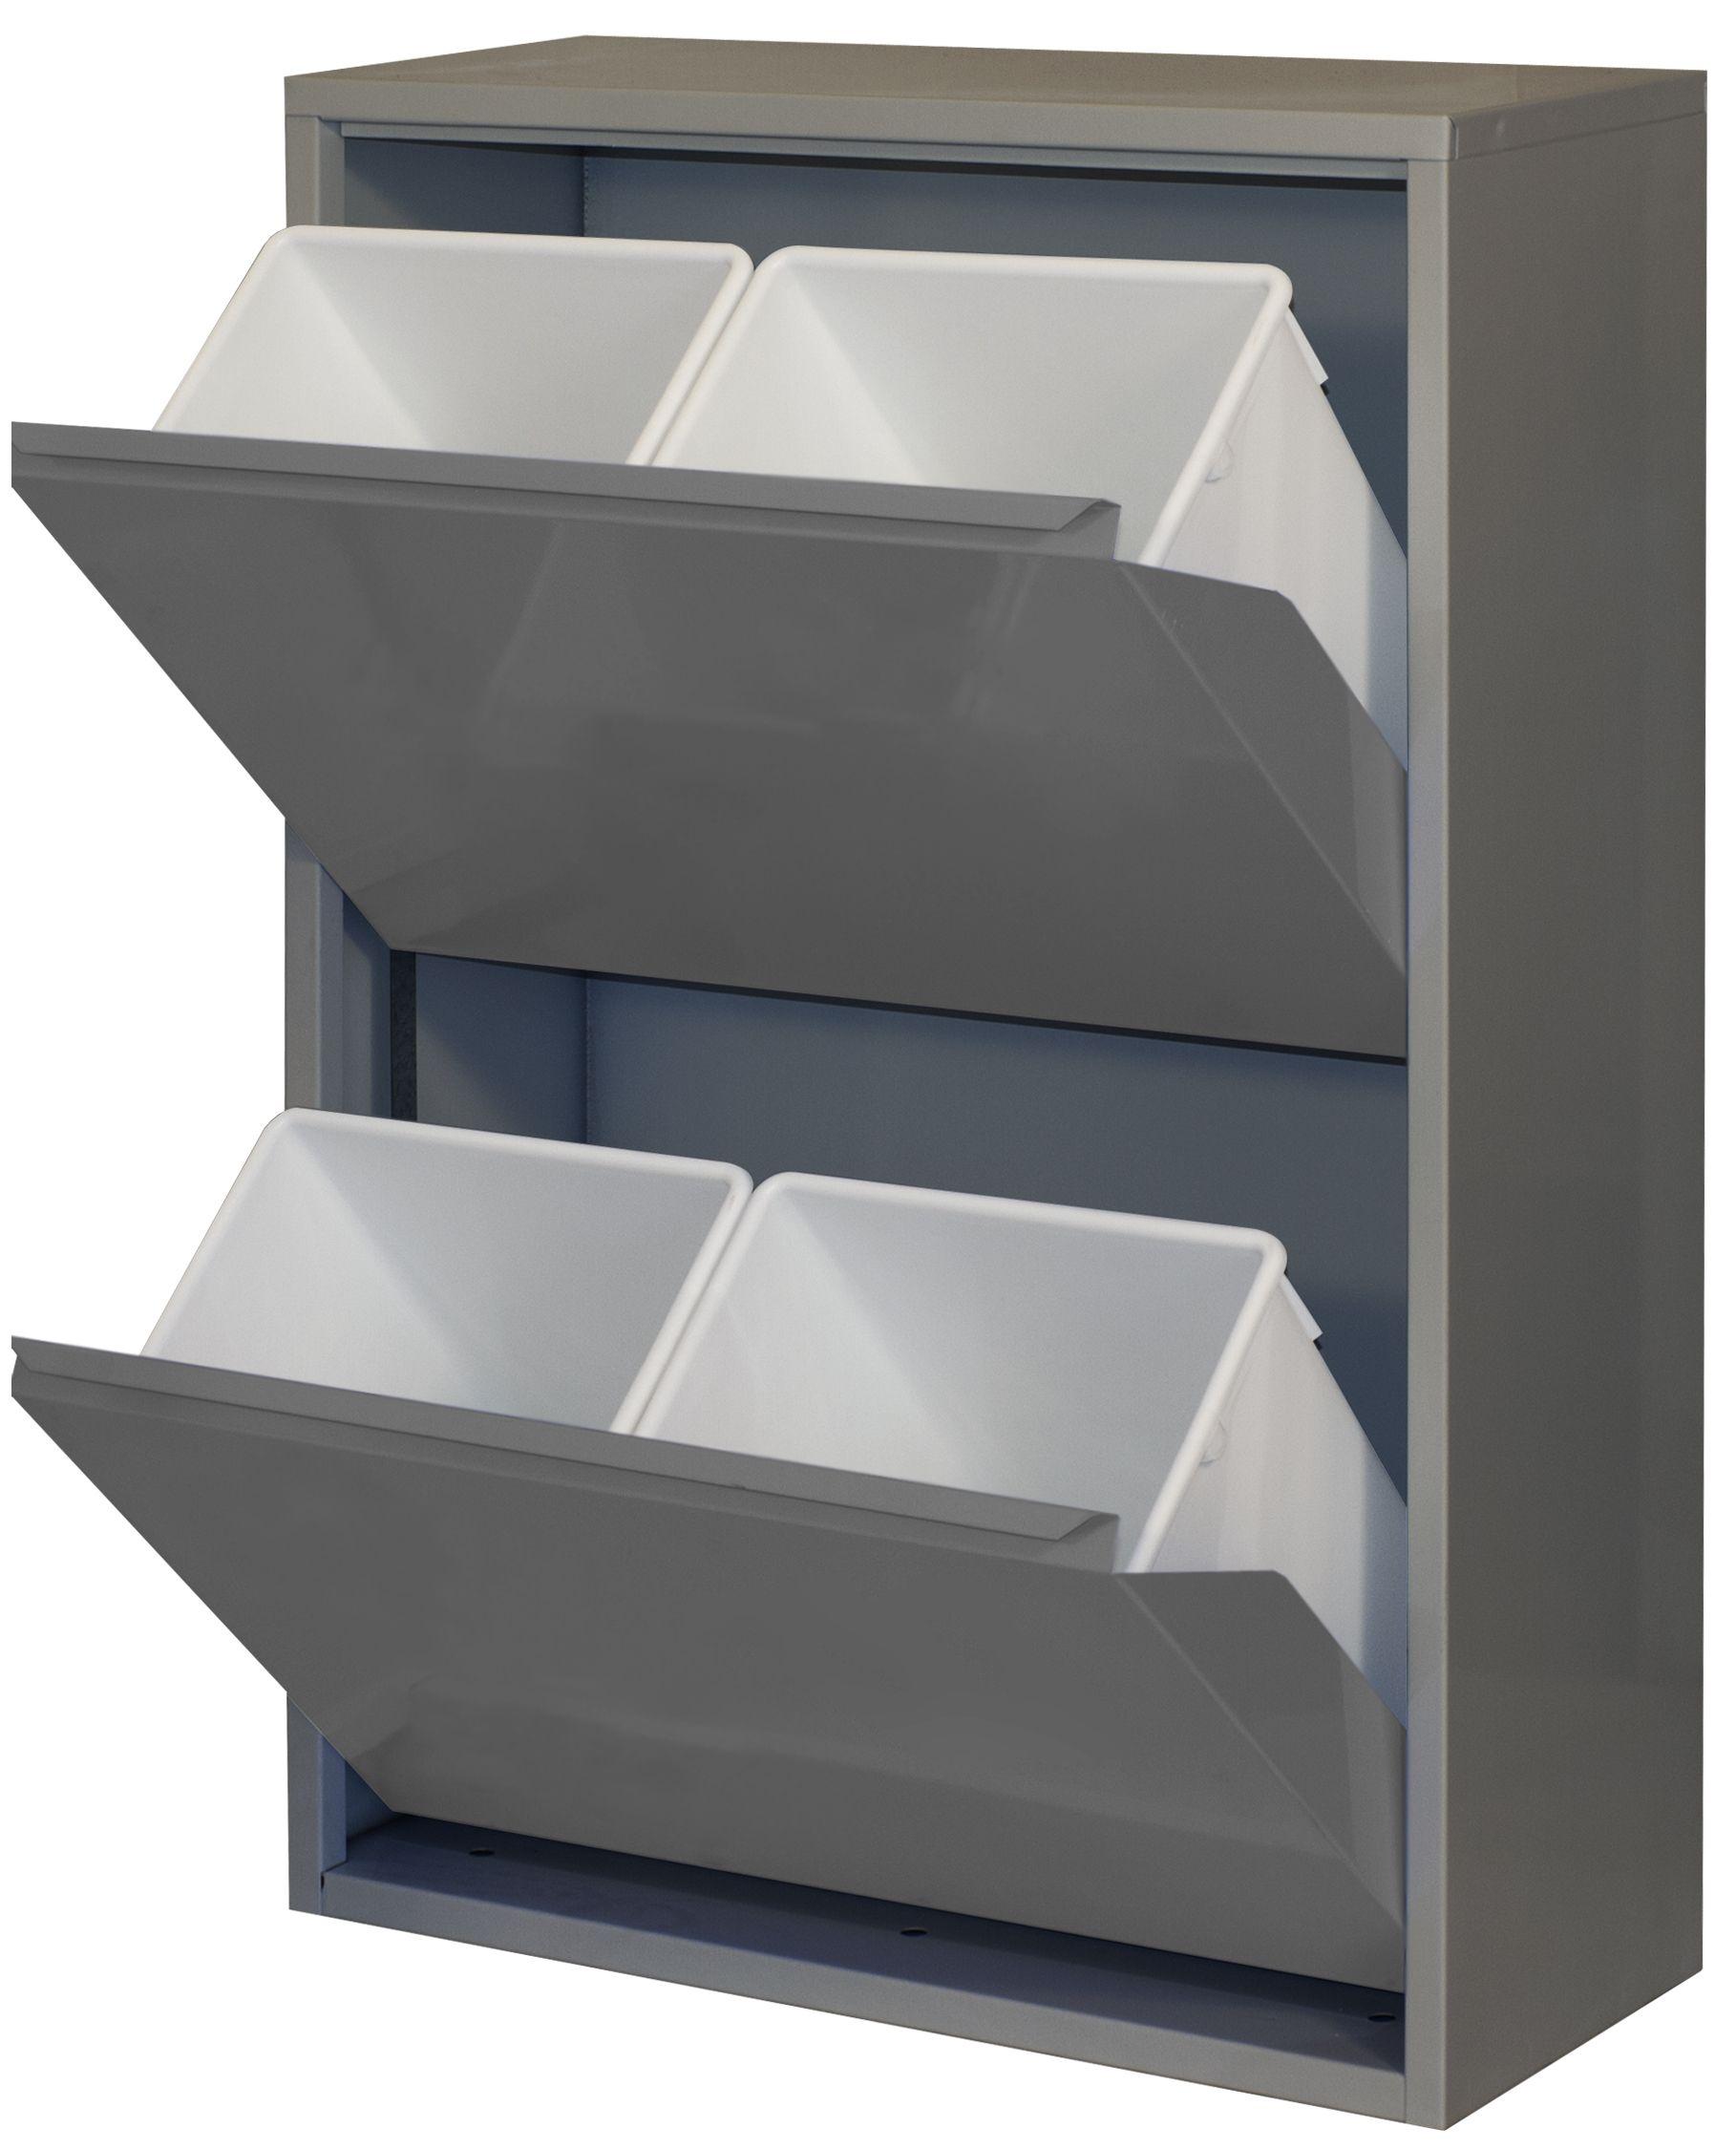 13+ Cubo basura reciclaje vertical inspirations